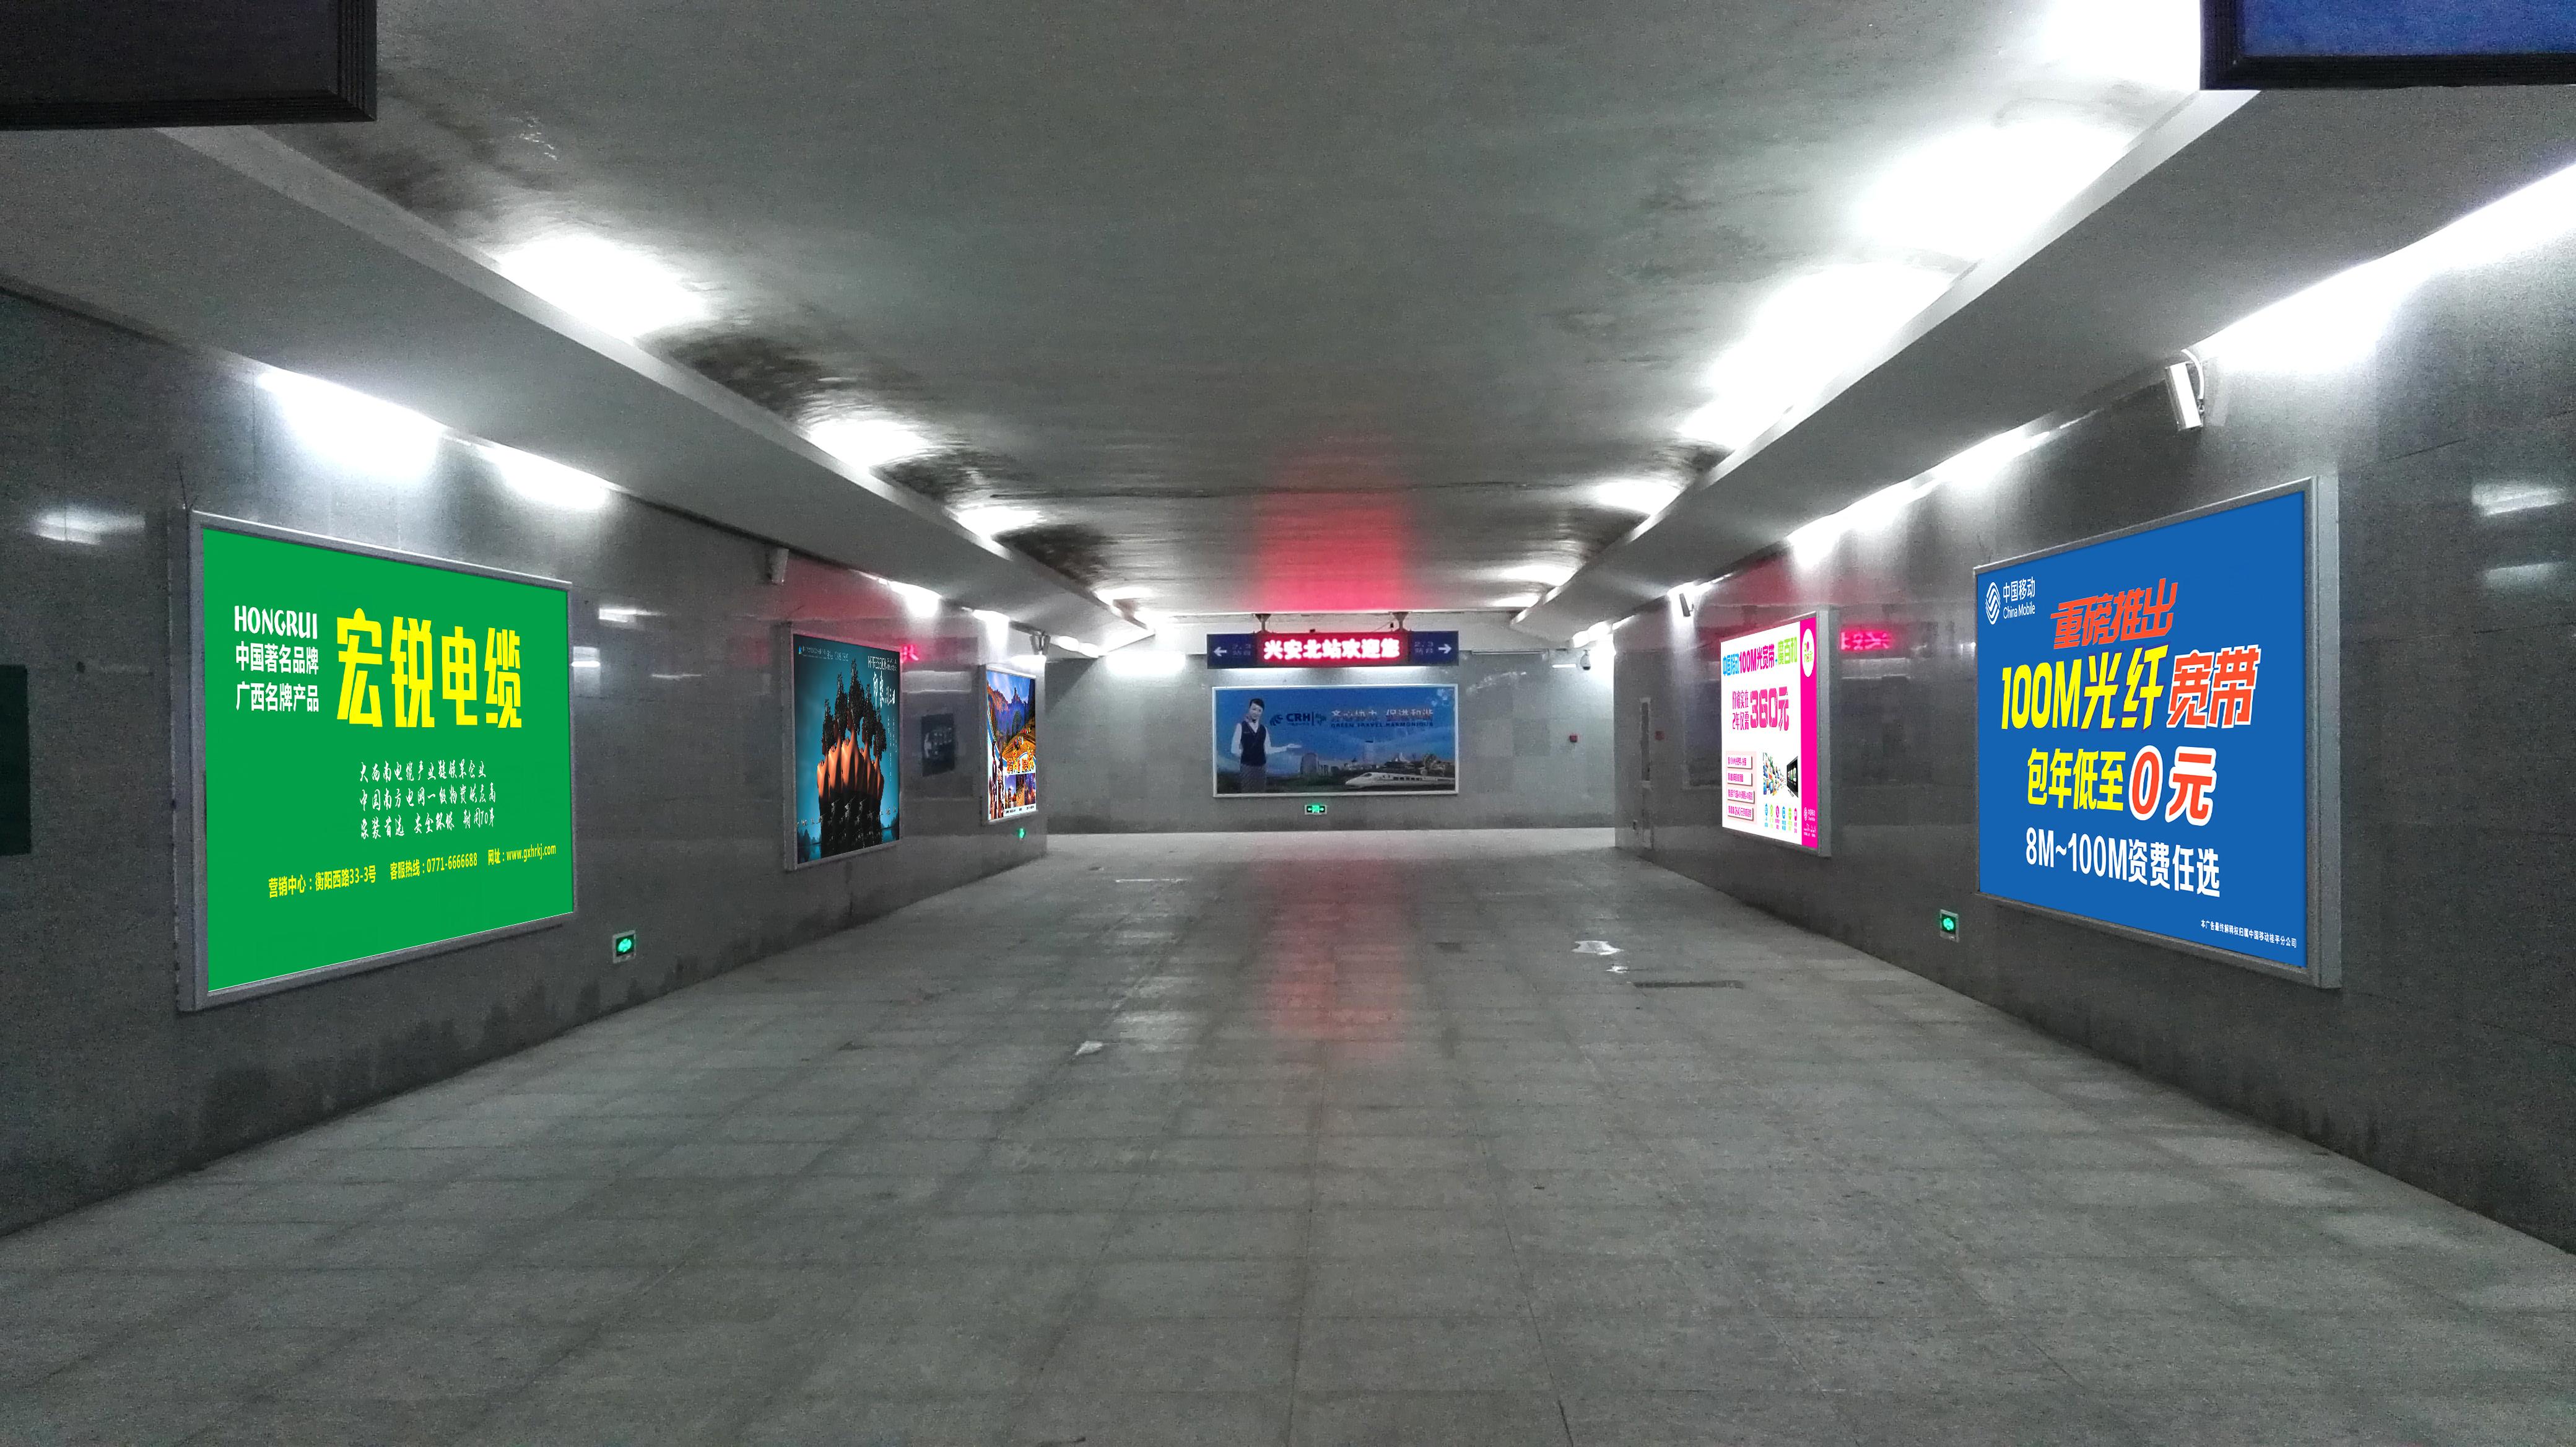 广西桂林市兴安北站地下通道灯箱媒体广告位